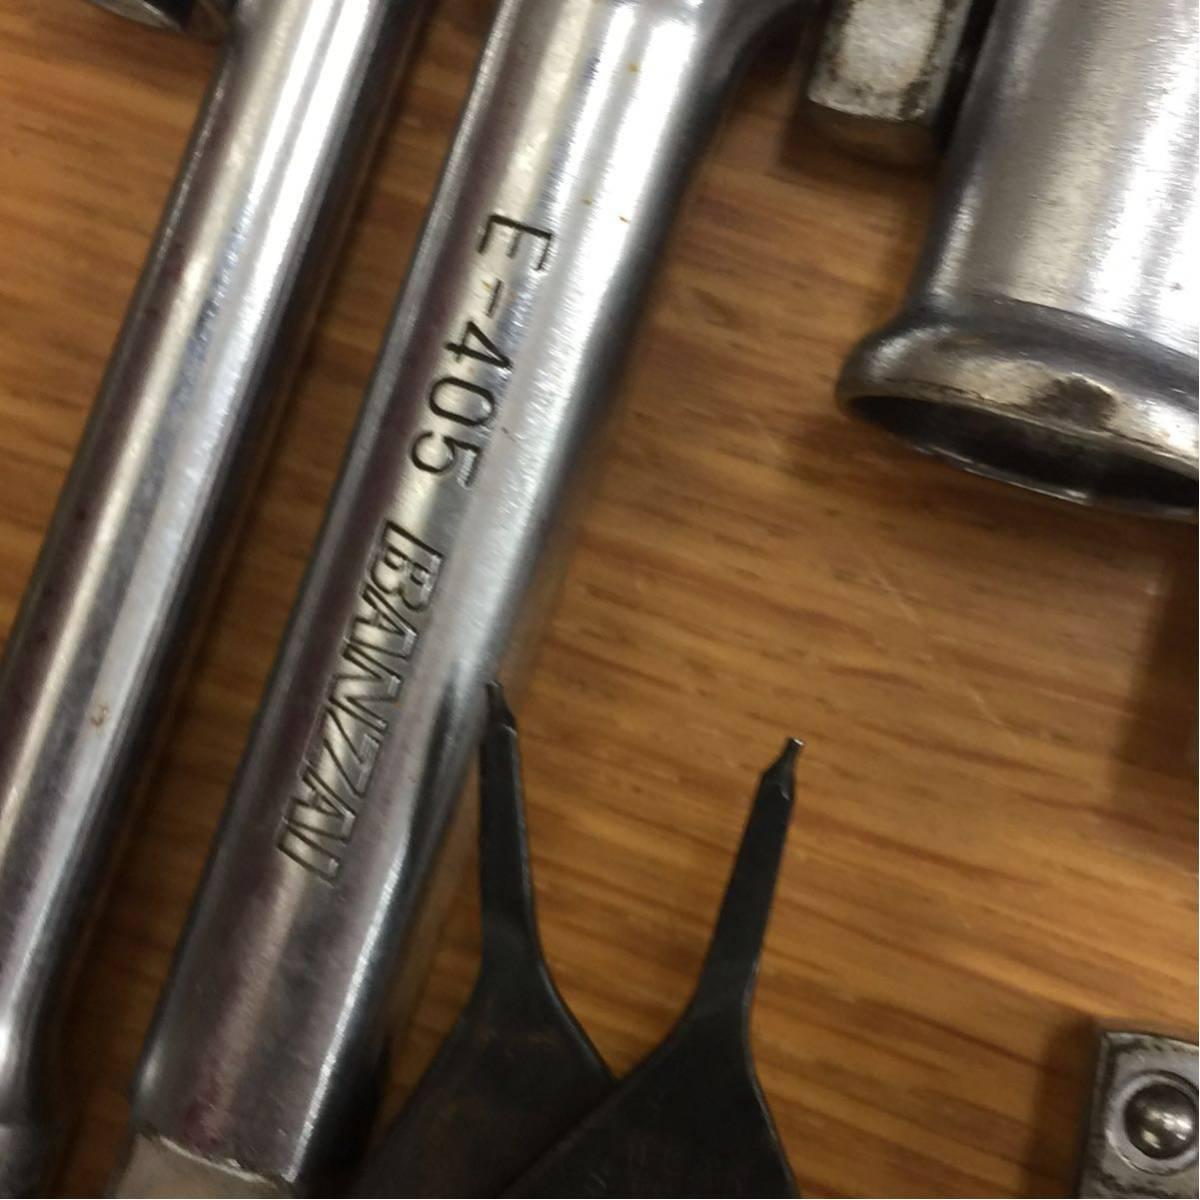 ☆工具 自動車整備 大量まとめ ドライバー ラチェット ソケット はんだごて プライヤー 16.8kg Snap-on KTC Banzai MAC-Tools CRAFTSMAN 他_画像7